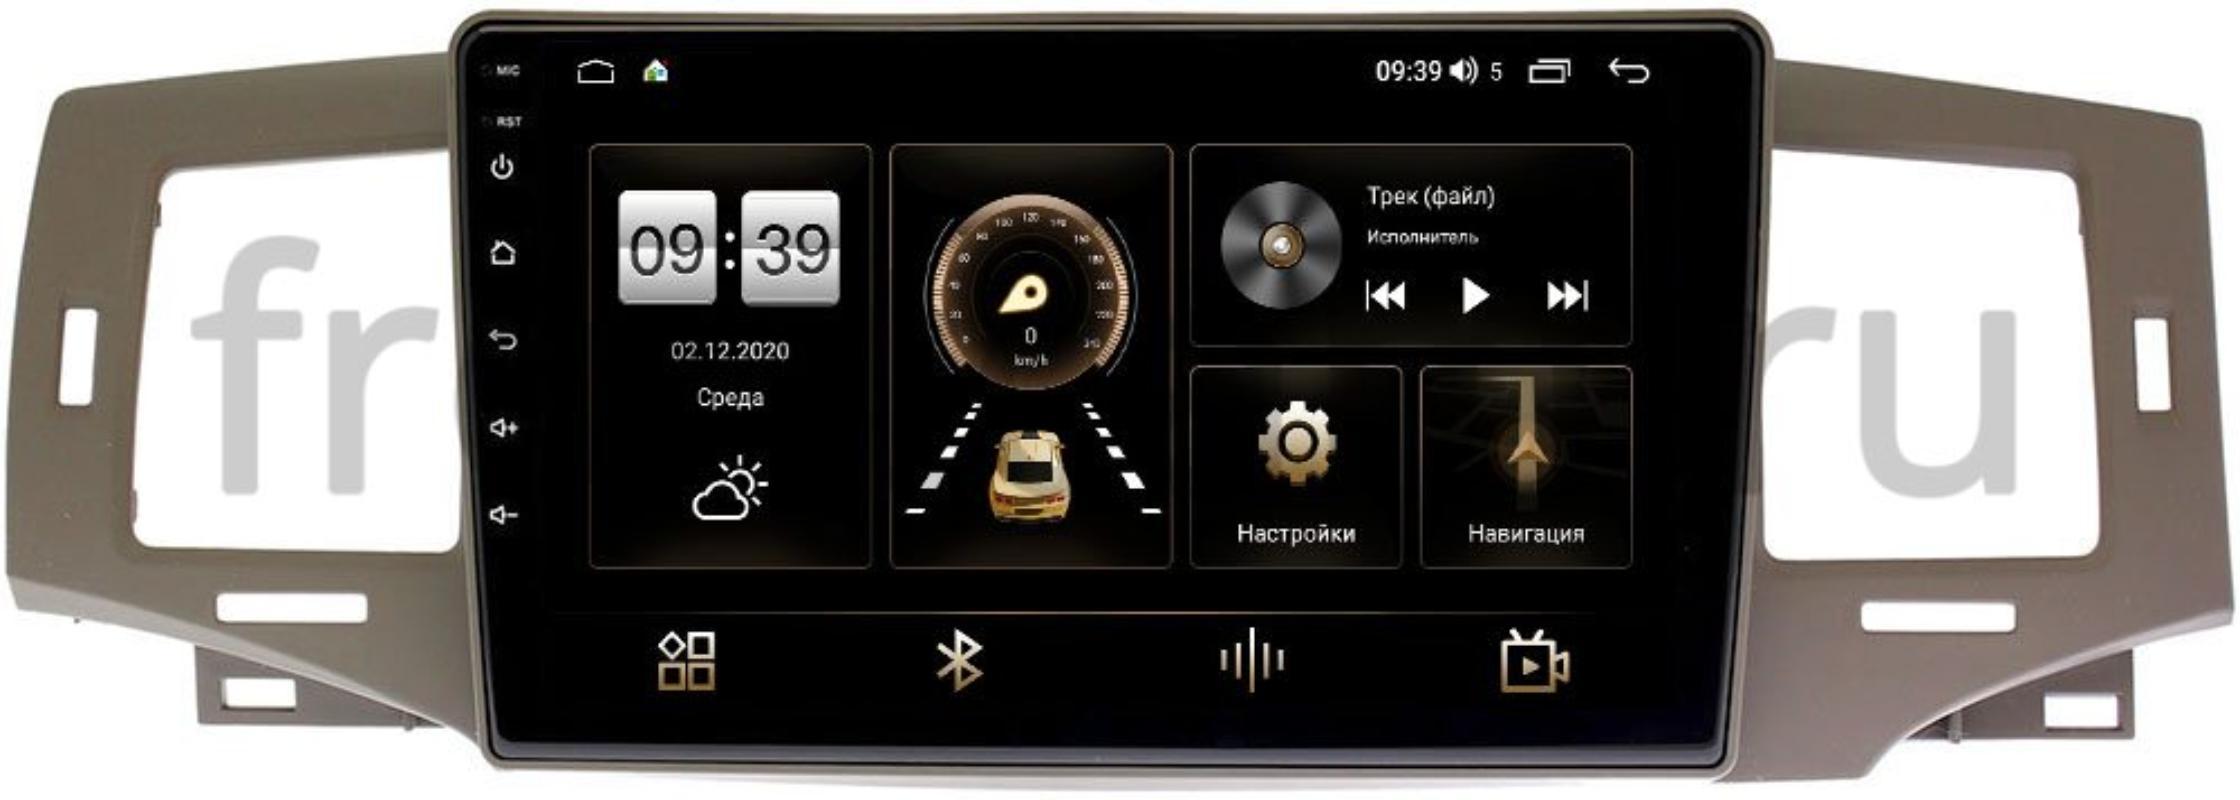 Штатная магнитола LeTrun 4166-9238 для Toyota Corolla IX, Allex 2000-2007 на Android 10 (4G-SIM, 3/32, DSP, QLed) (+ Камера заднего вида в подарок!)